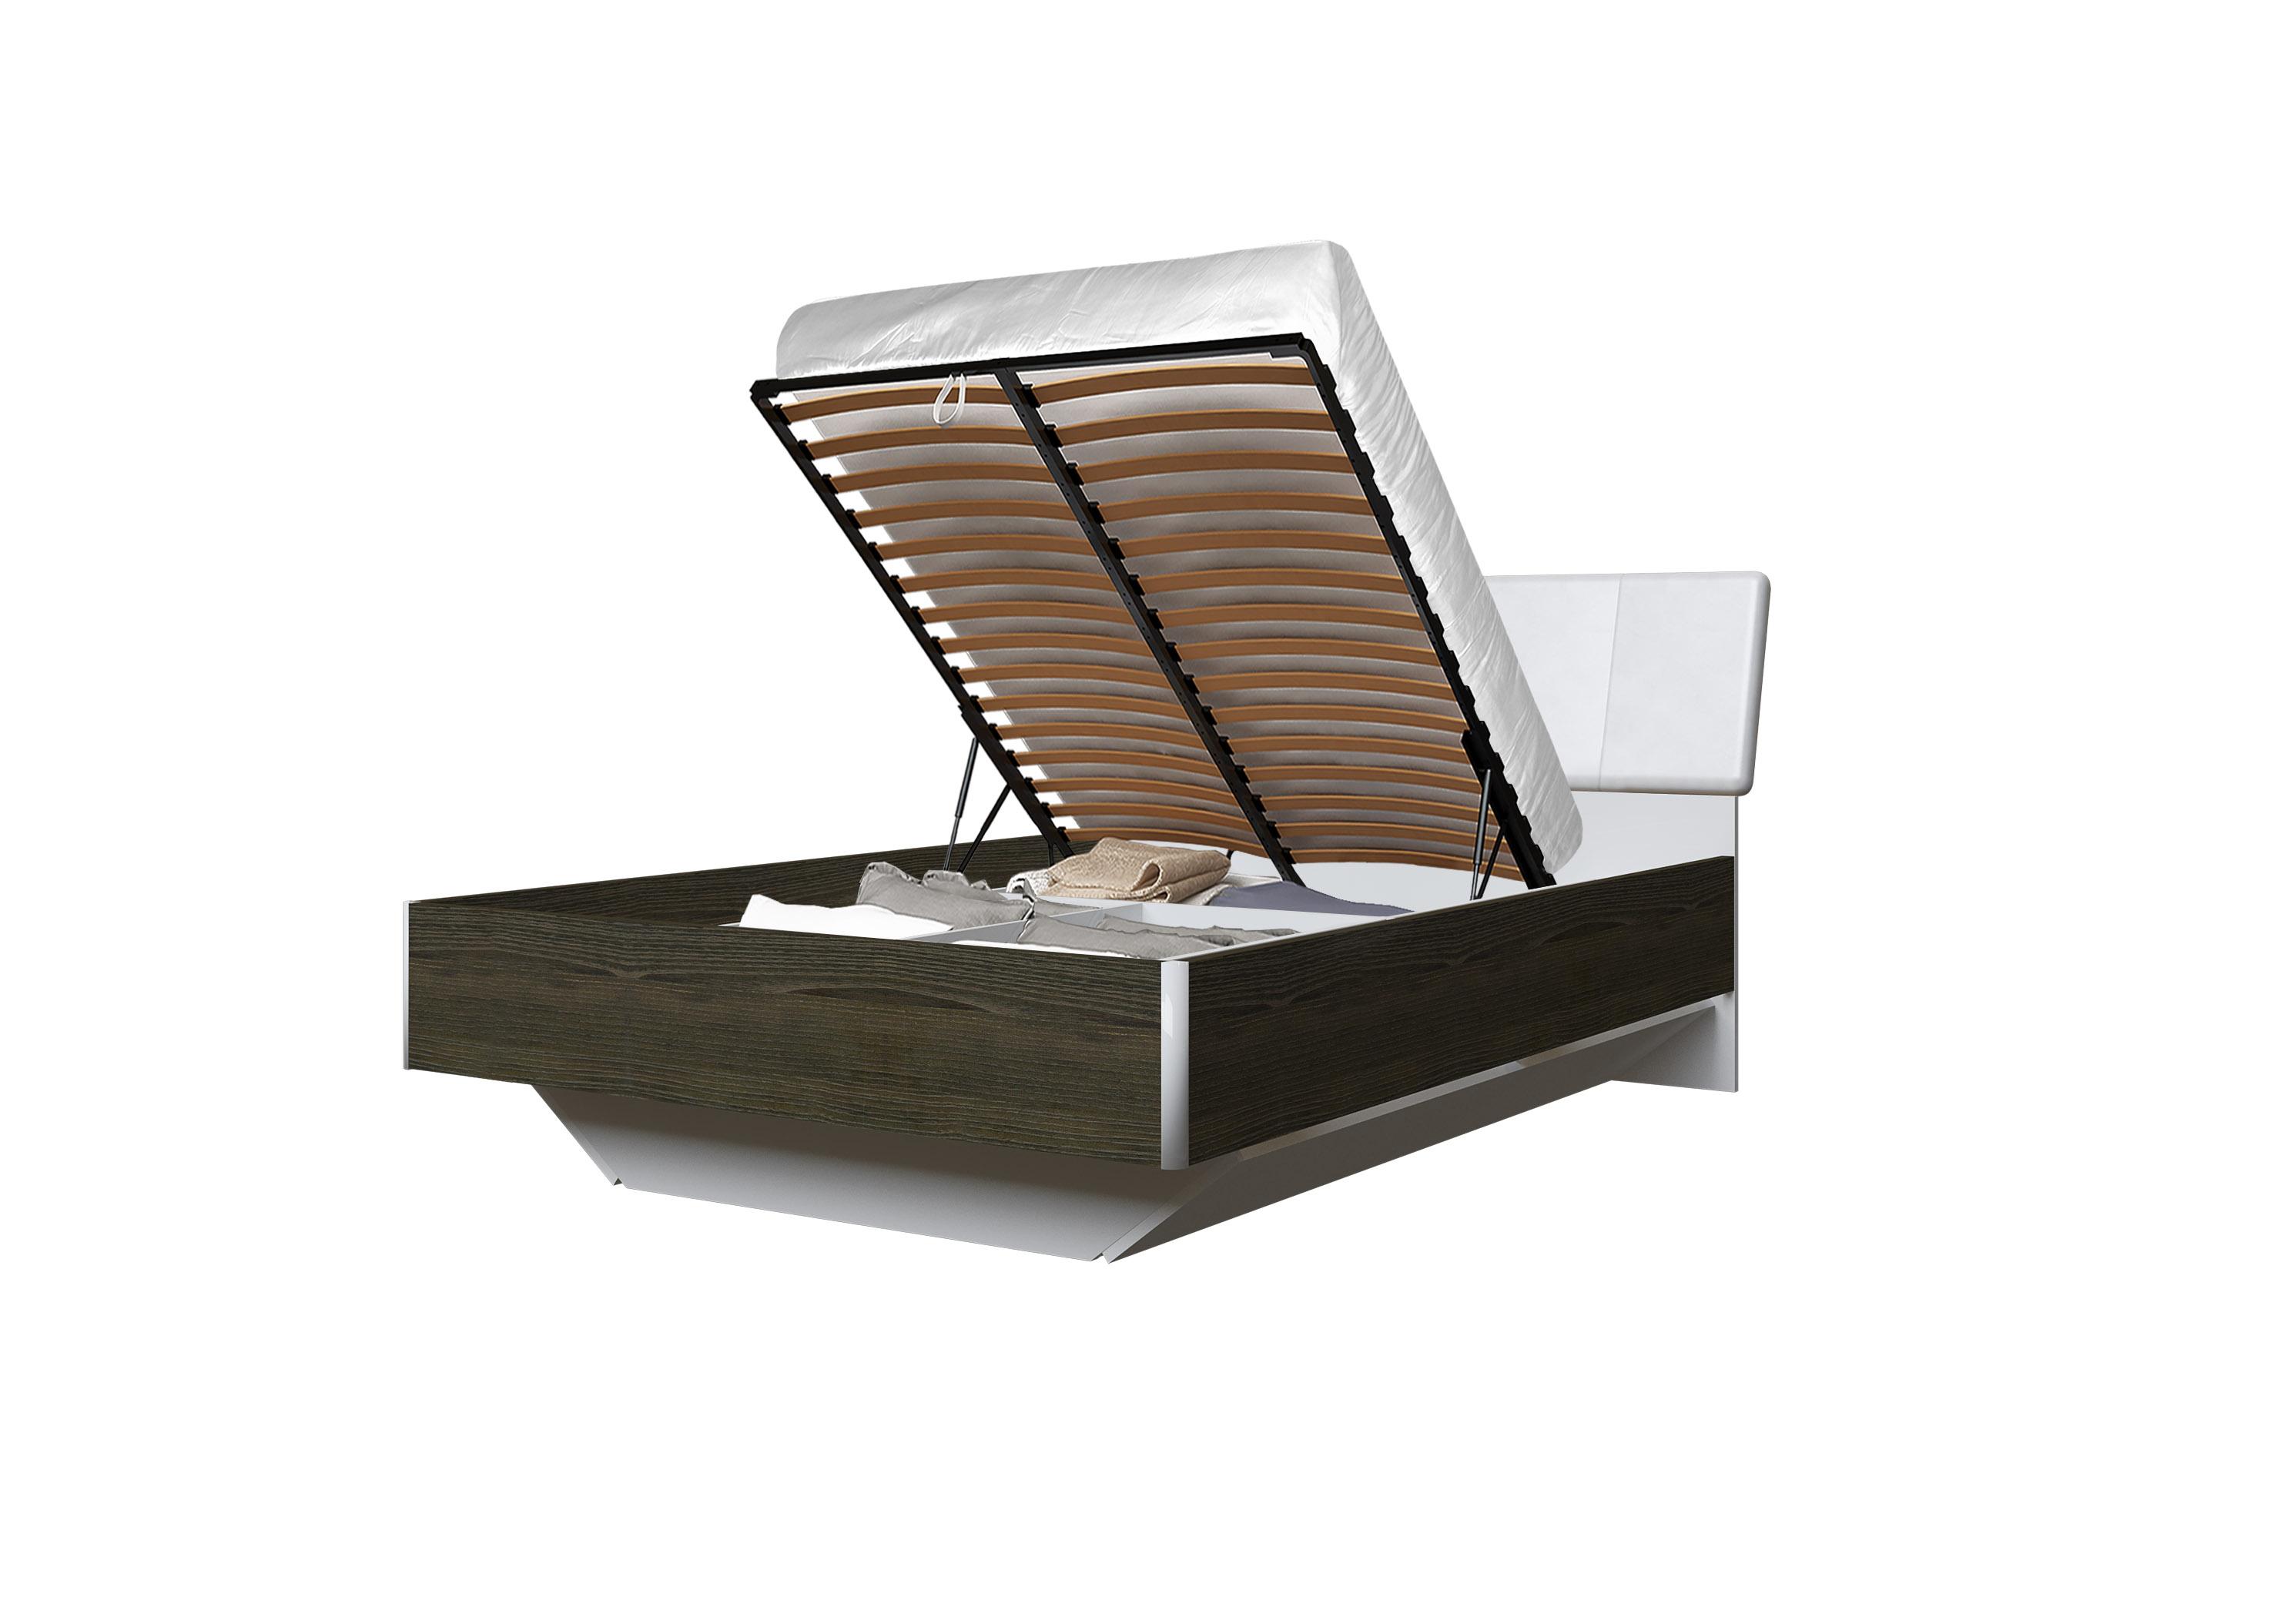 Doppelbett Toskana 140x200 in Dunkle Buche inkl. Bettkasten